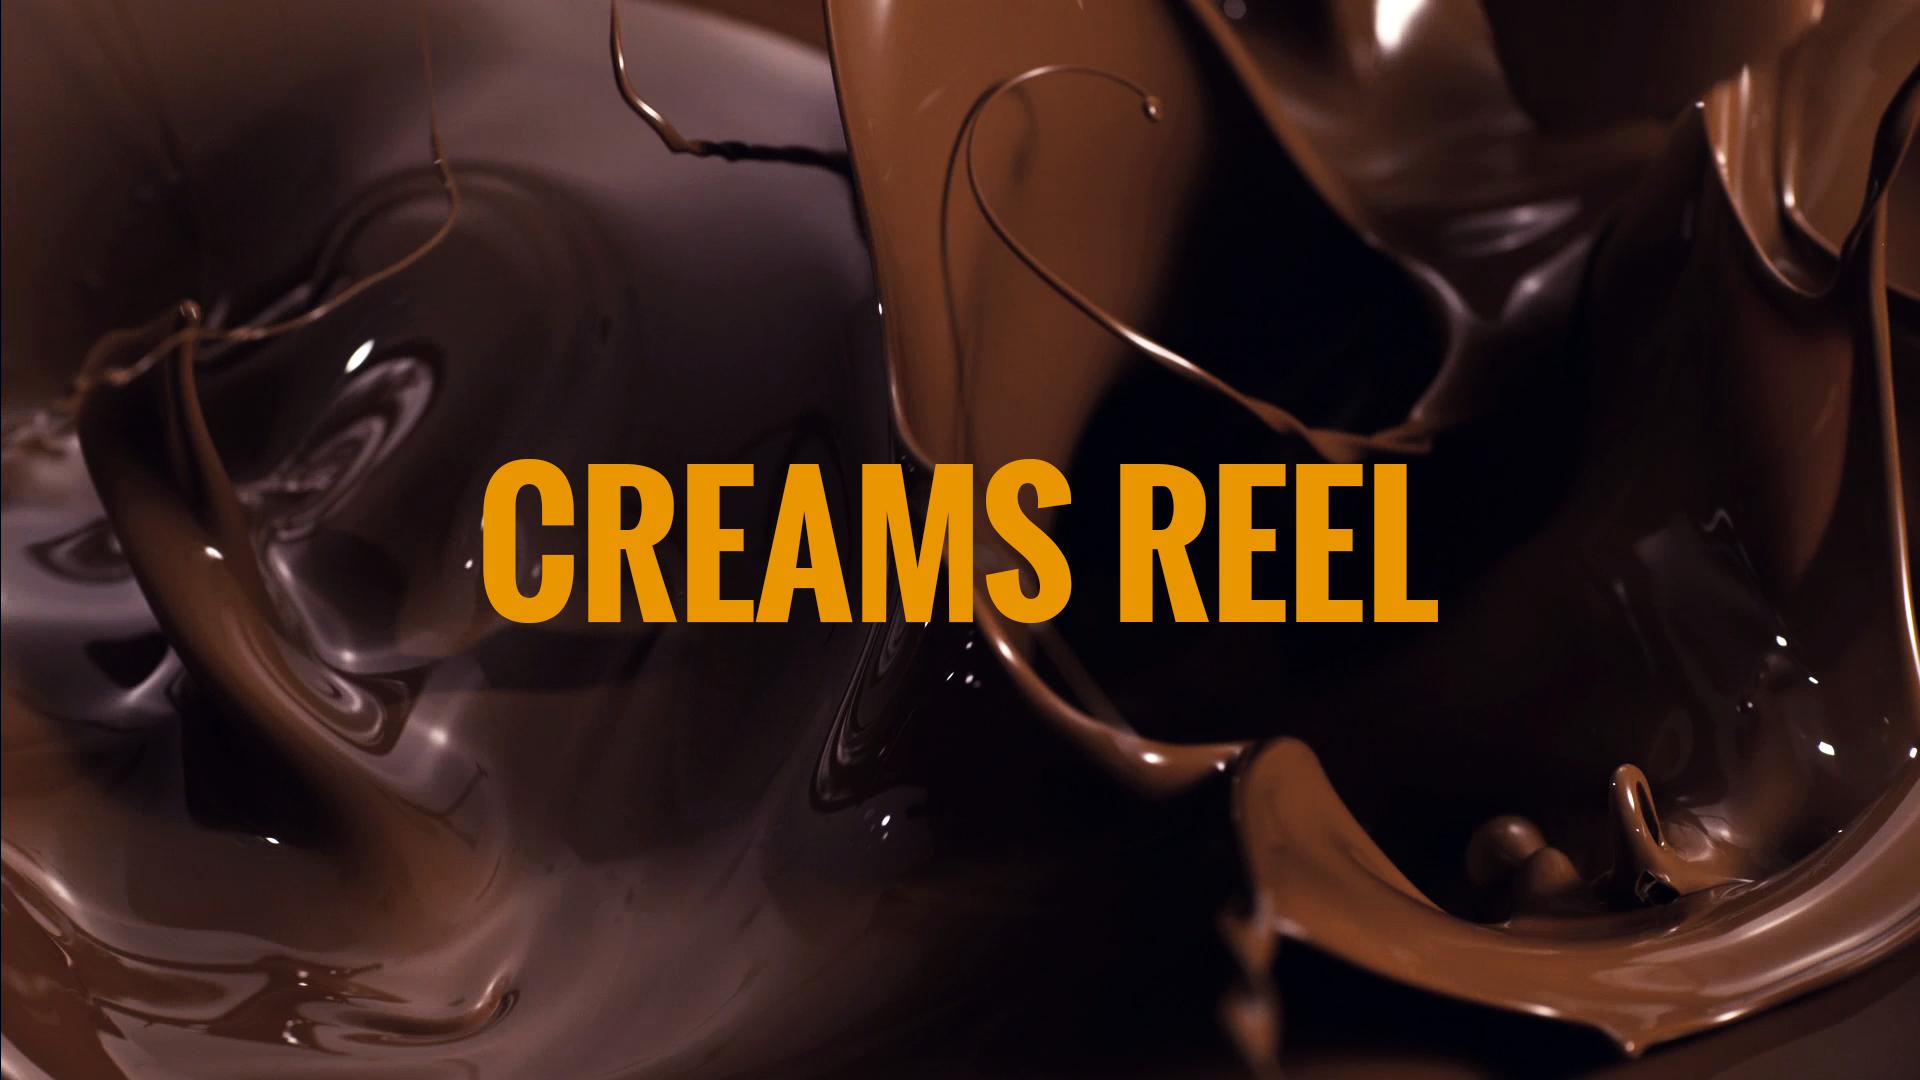 CREAMS REEL